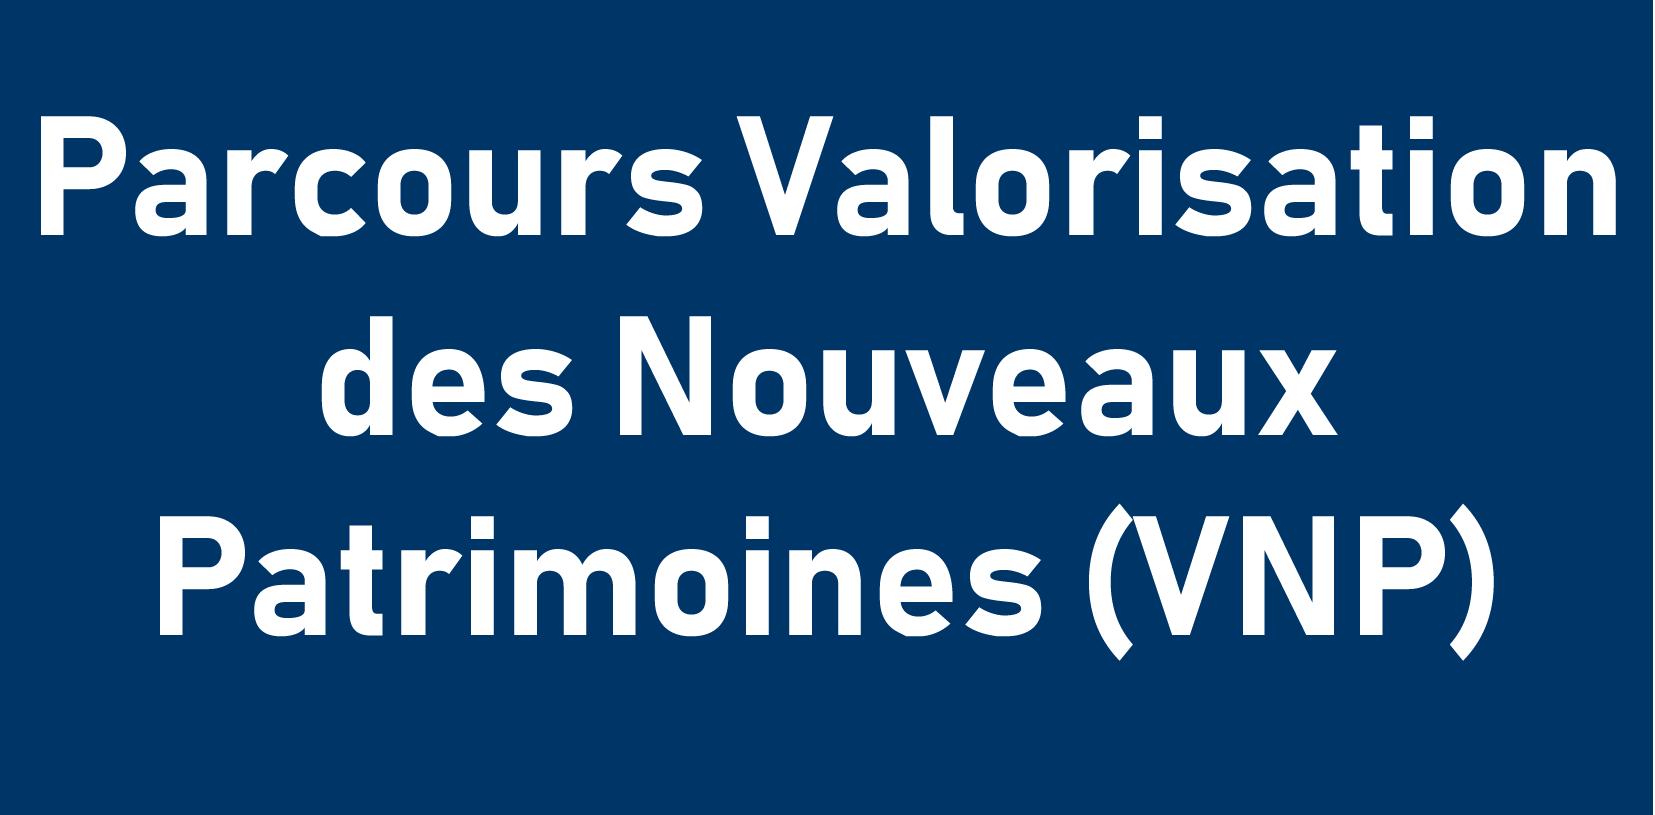 Parcours Valorisation des Nouveaux Patrimoines (VNP)